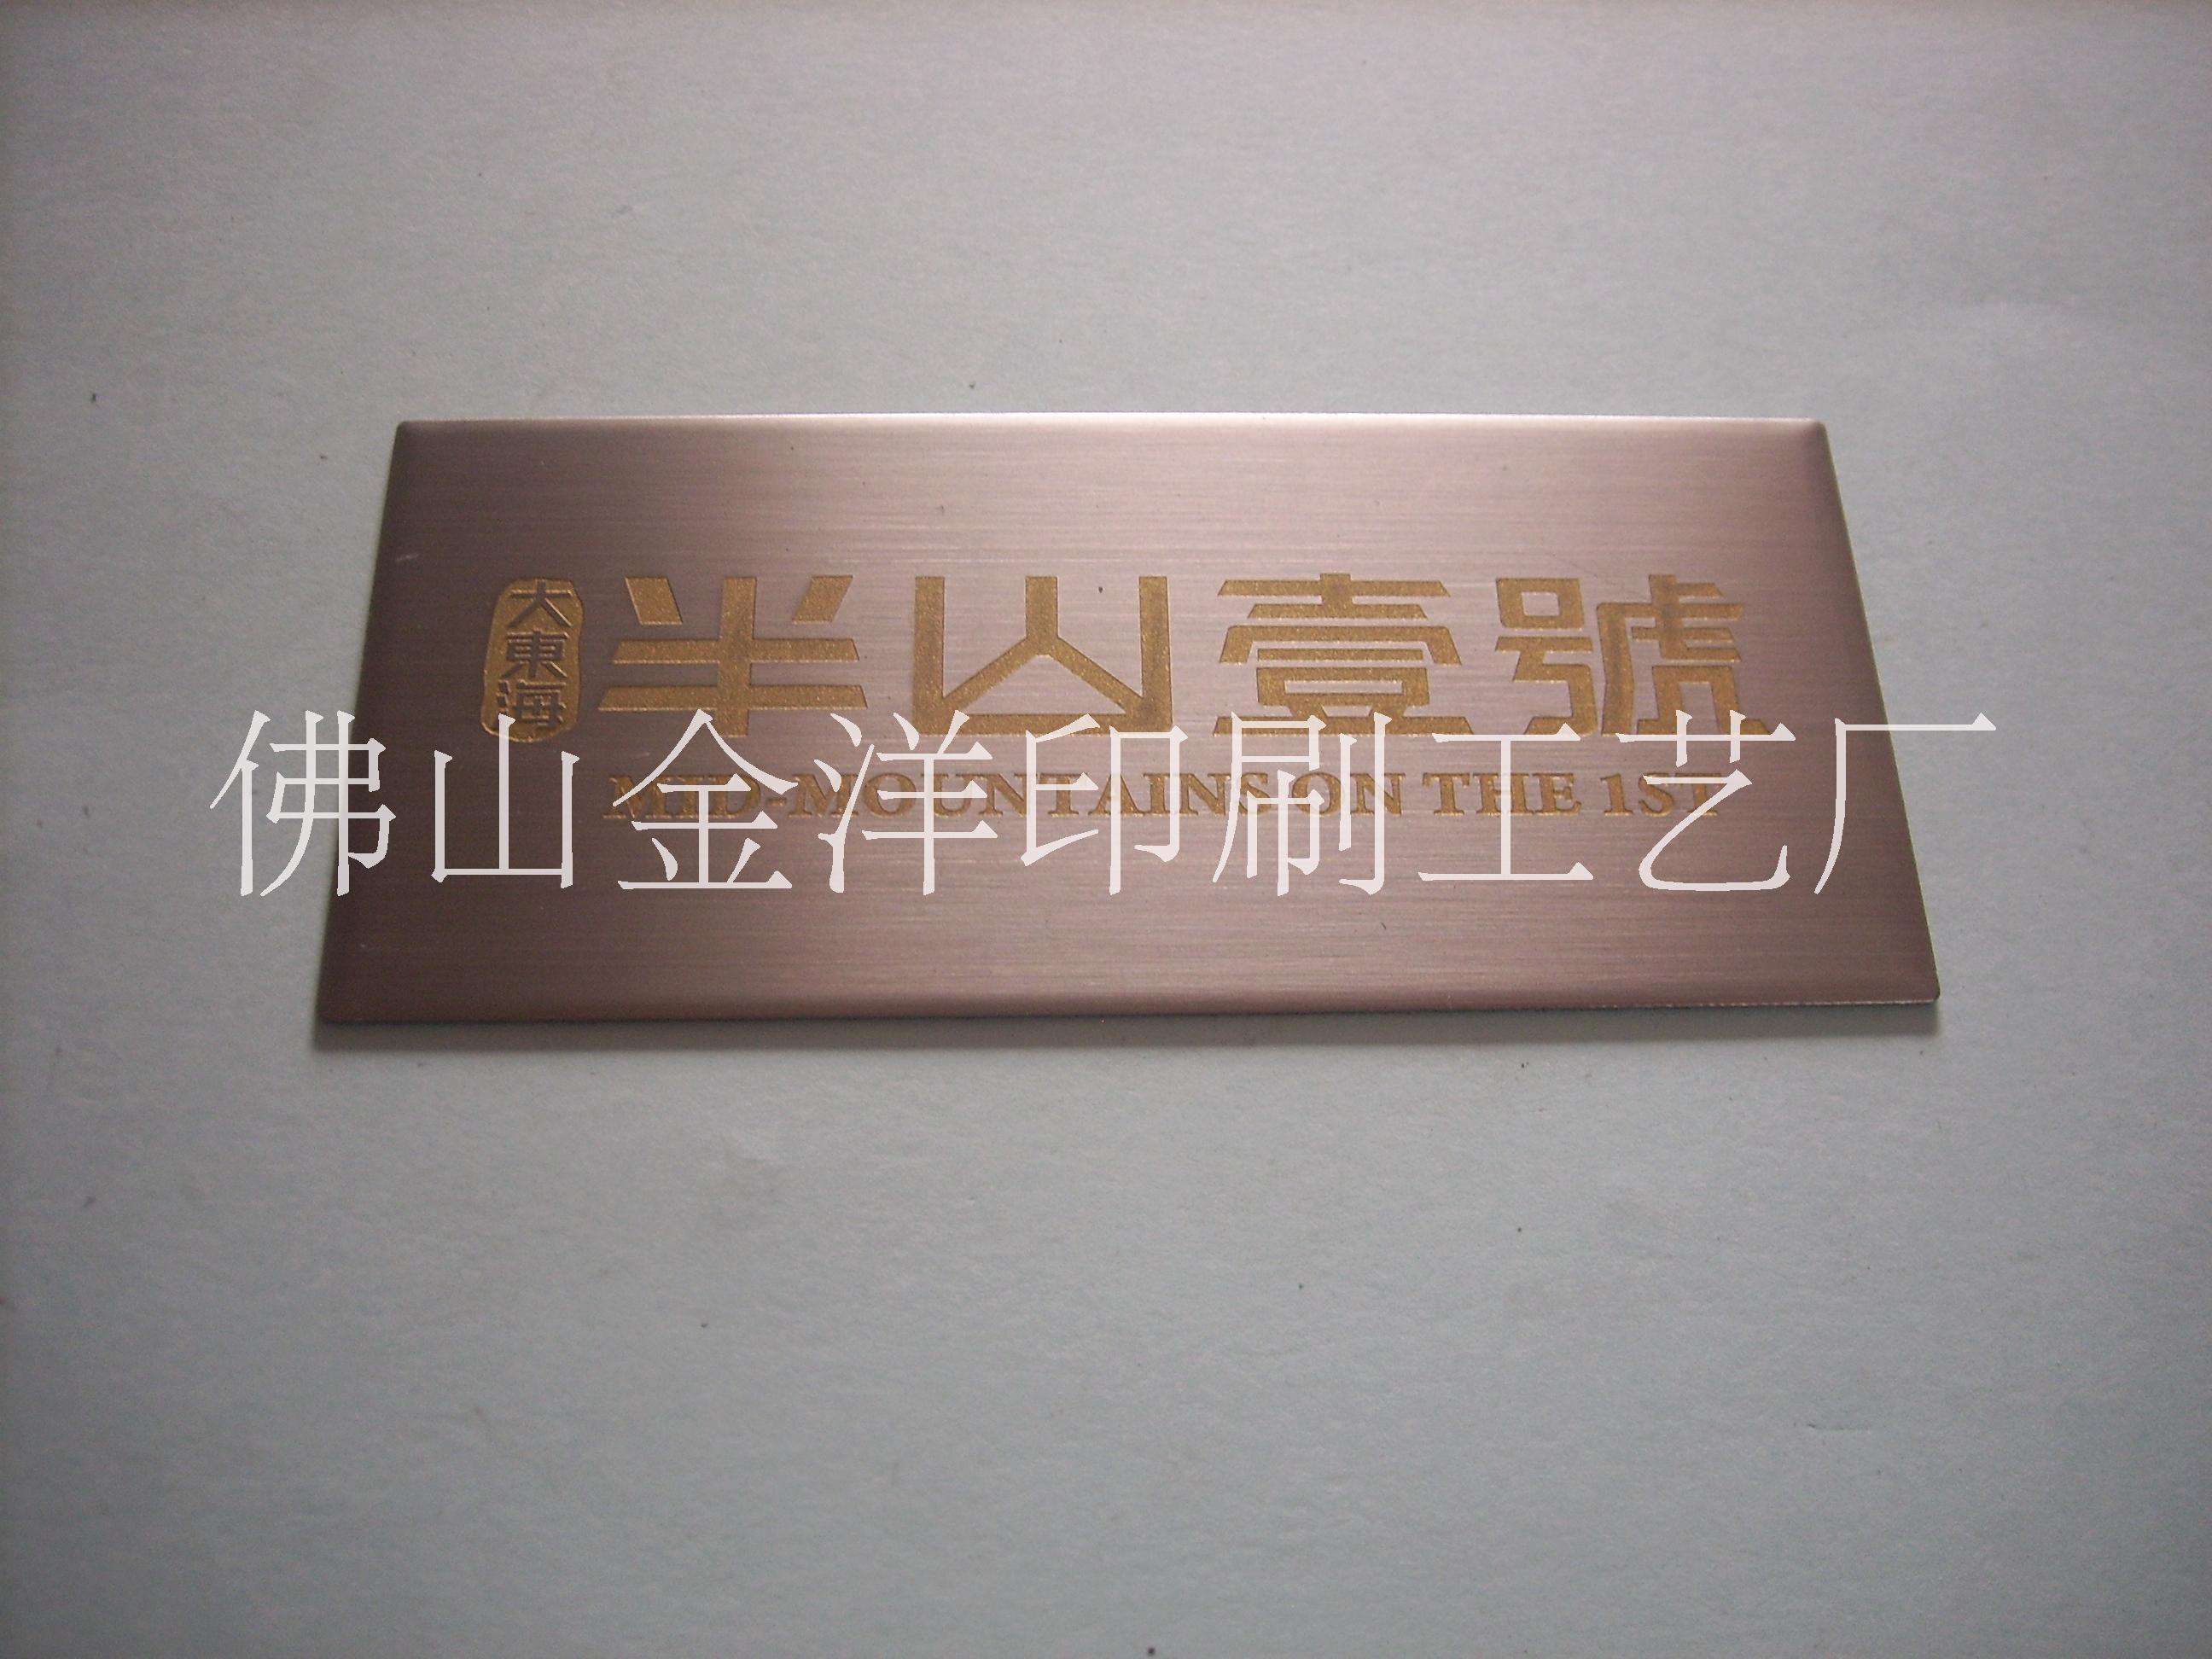 佛山 厂家生产标牌 铝合金板制铭牌,丝网印不锈钢反光腐蚀冲压标牌 机械设备铭牌